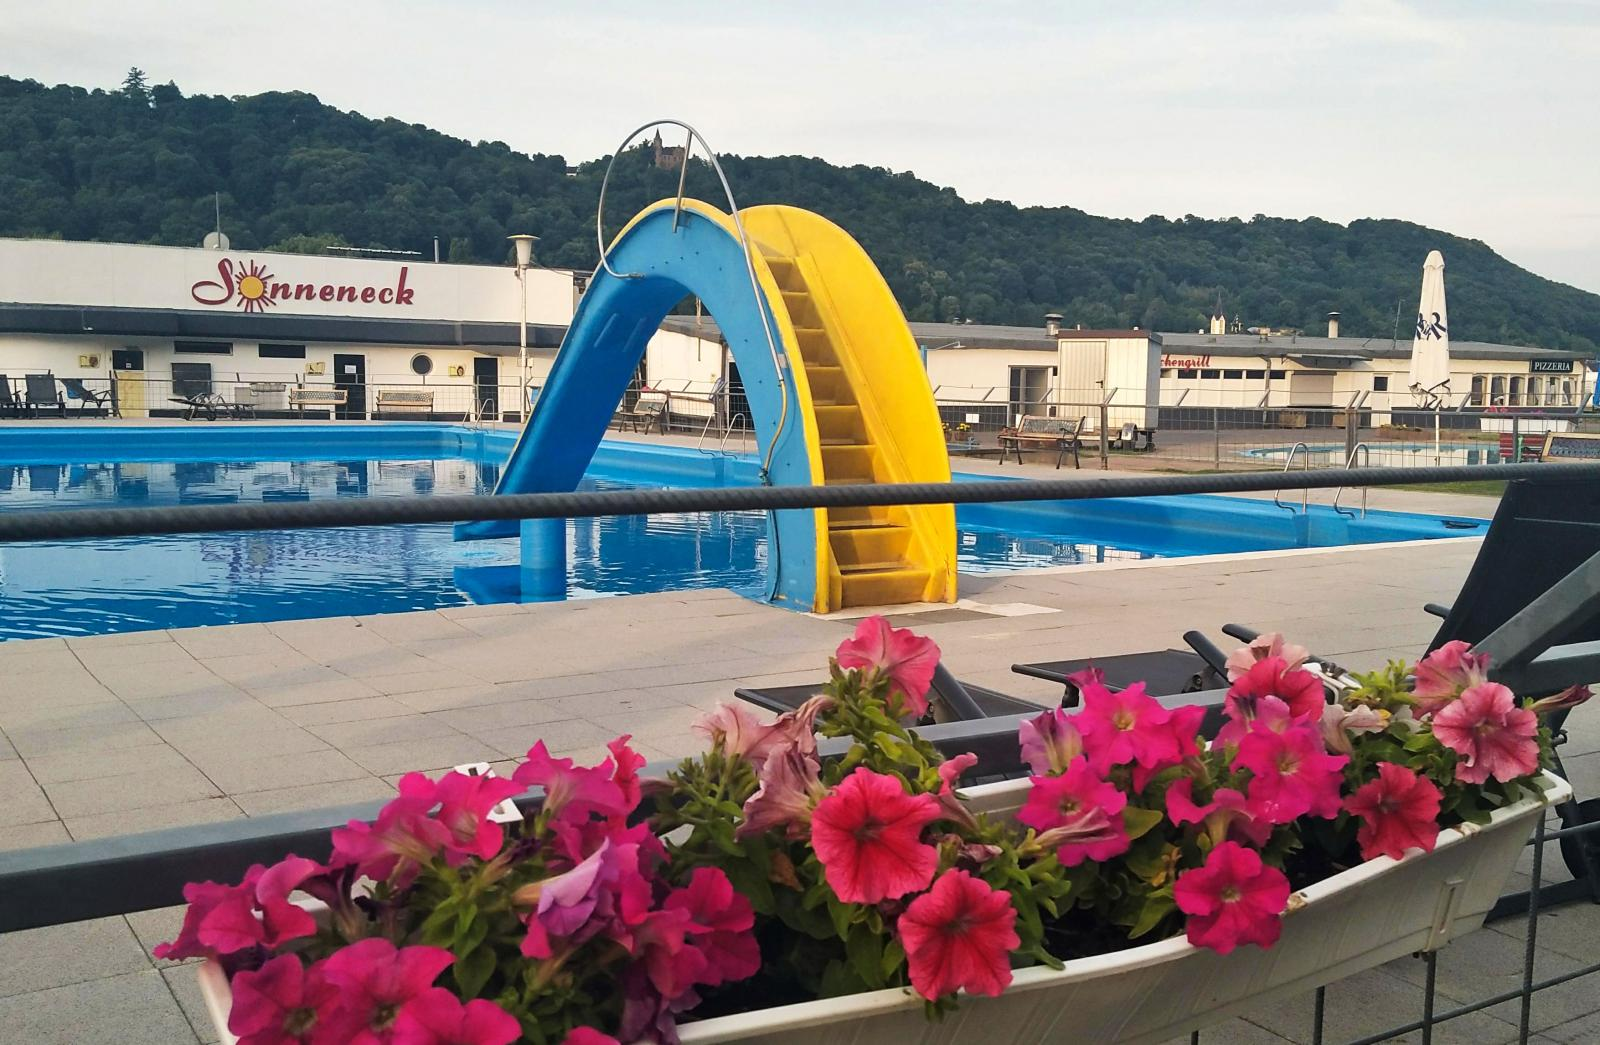 Rejäl swimmingpool med solstolar och rekordkort vattenrutschbana. Plaskdamm för de yngsta till höger.